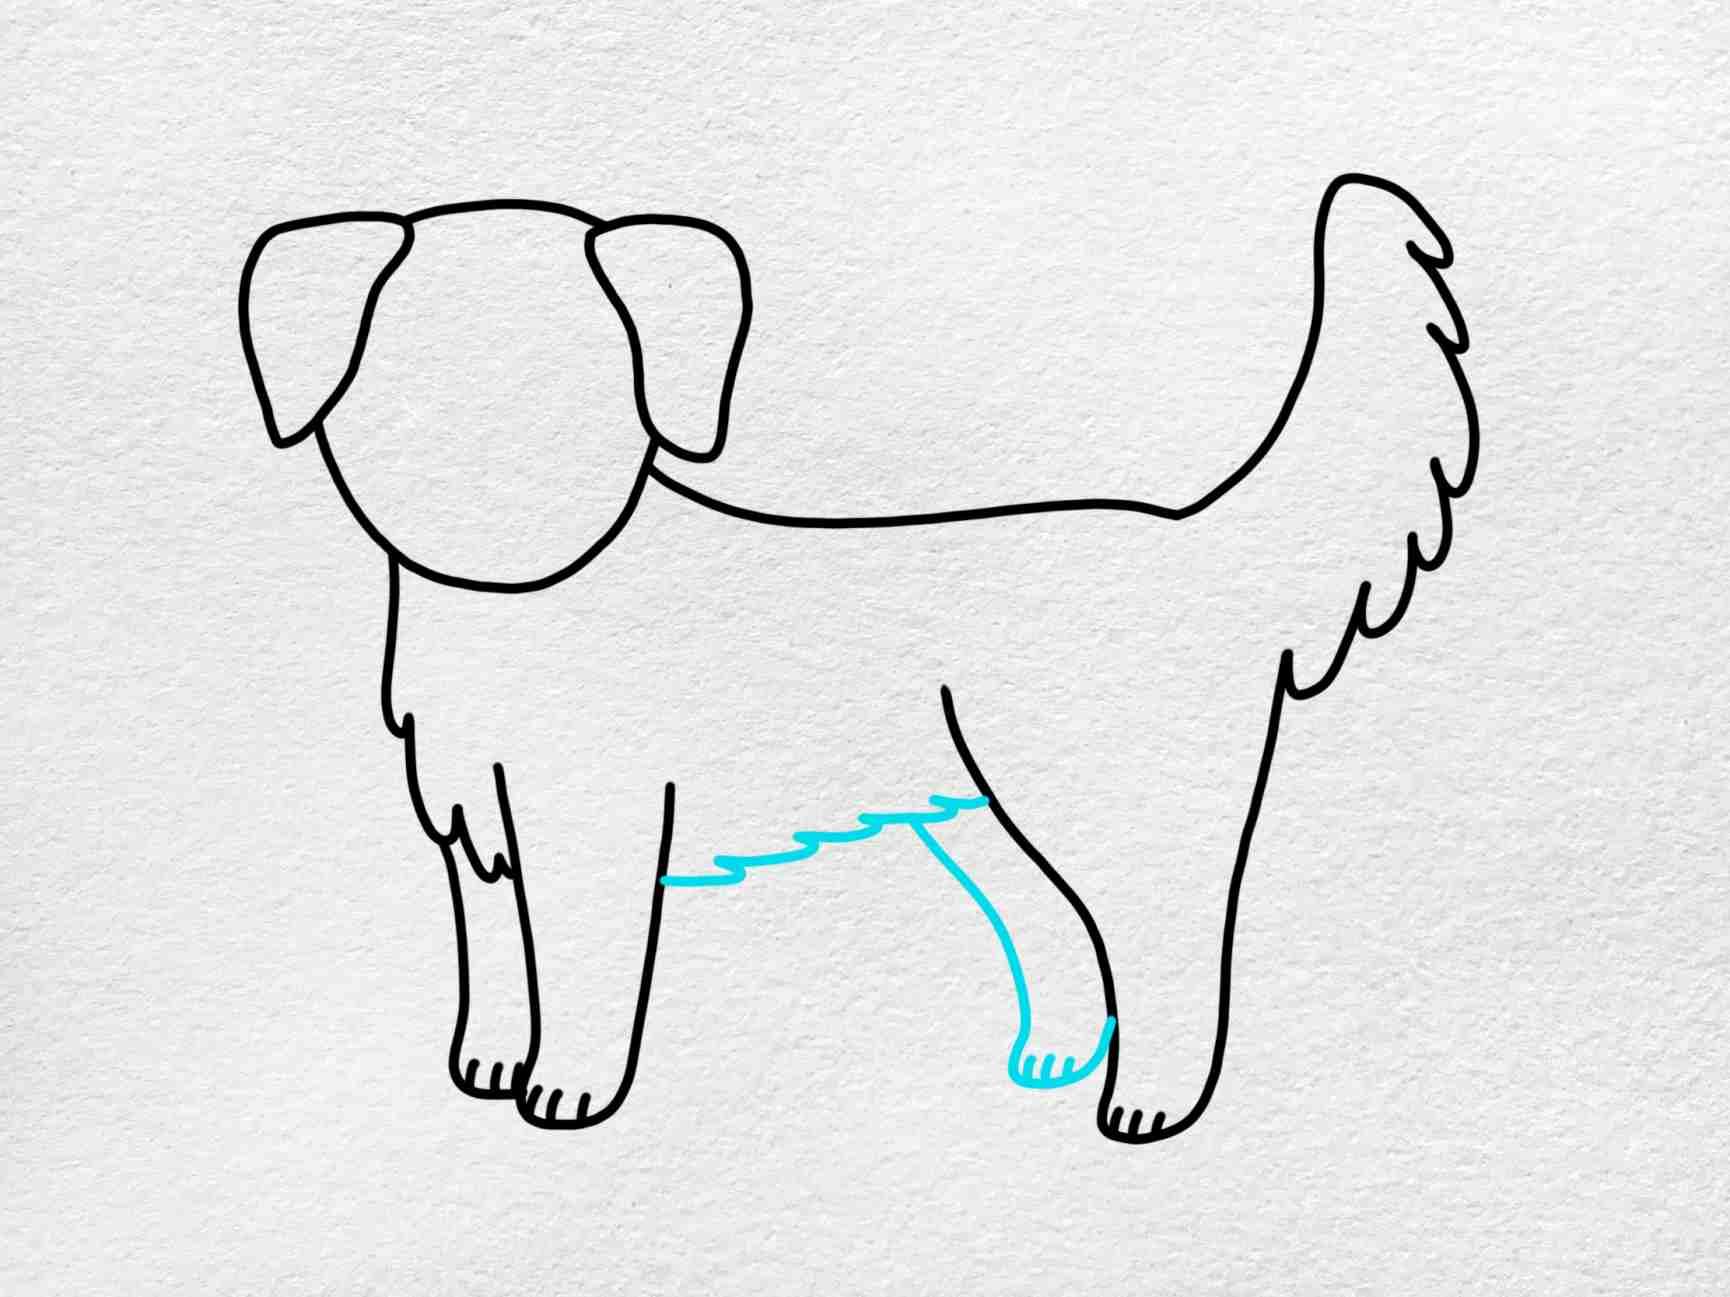 How To Draw A Golden Retriever: Step 6